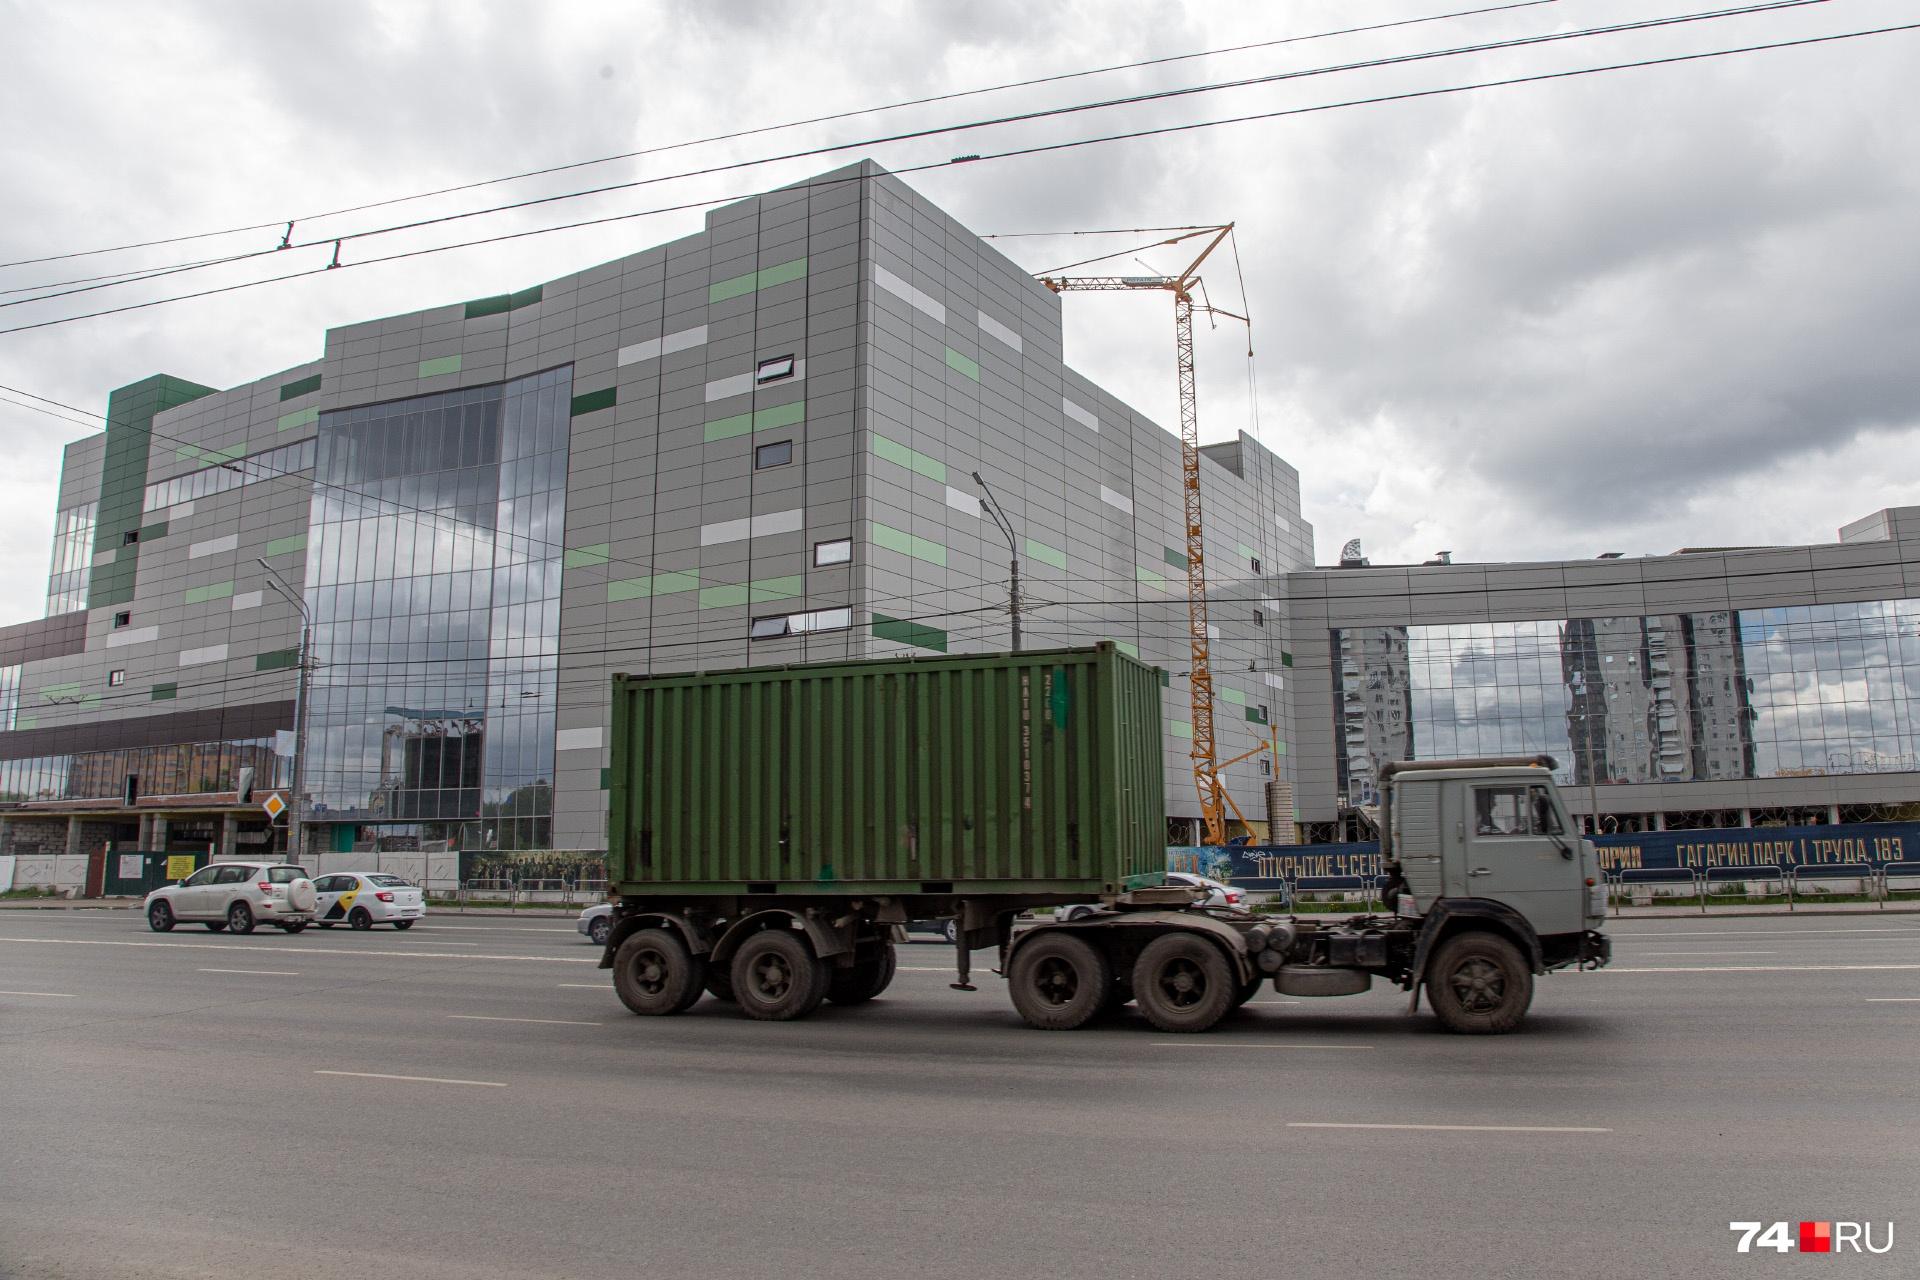 По виду и не скажешь, что это за здание. То ли цех, то ли офисы